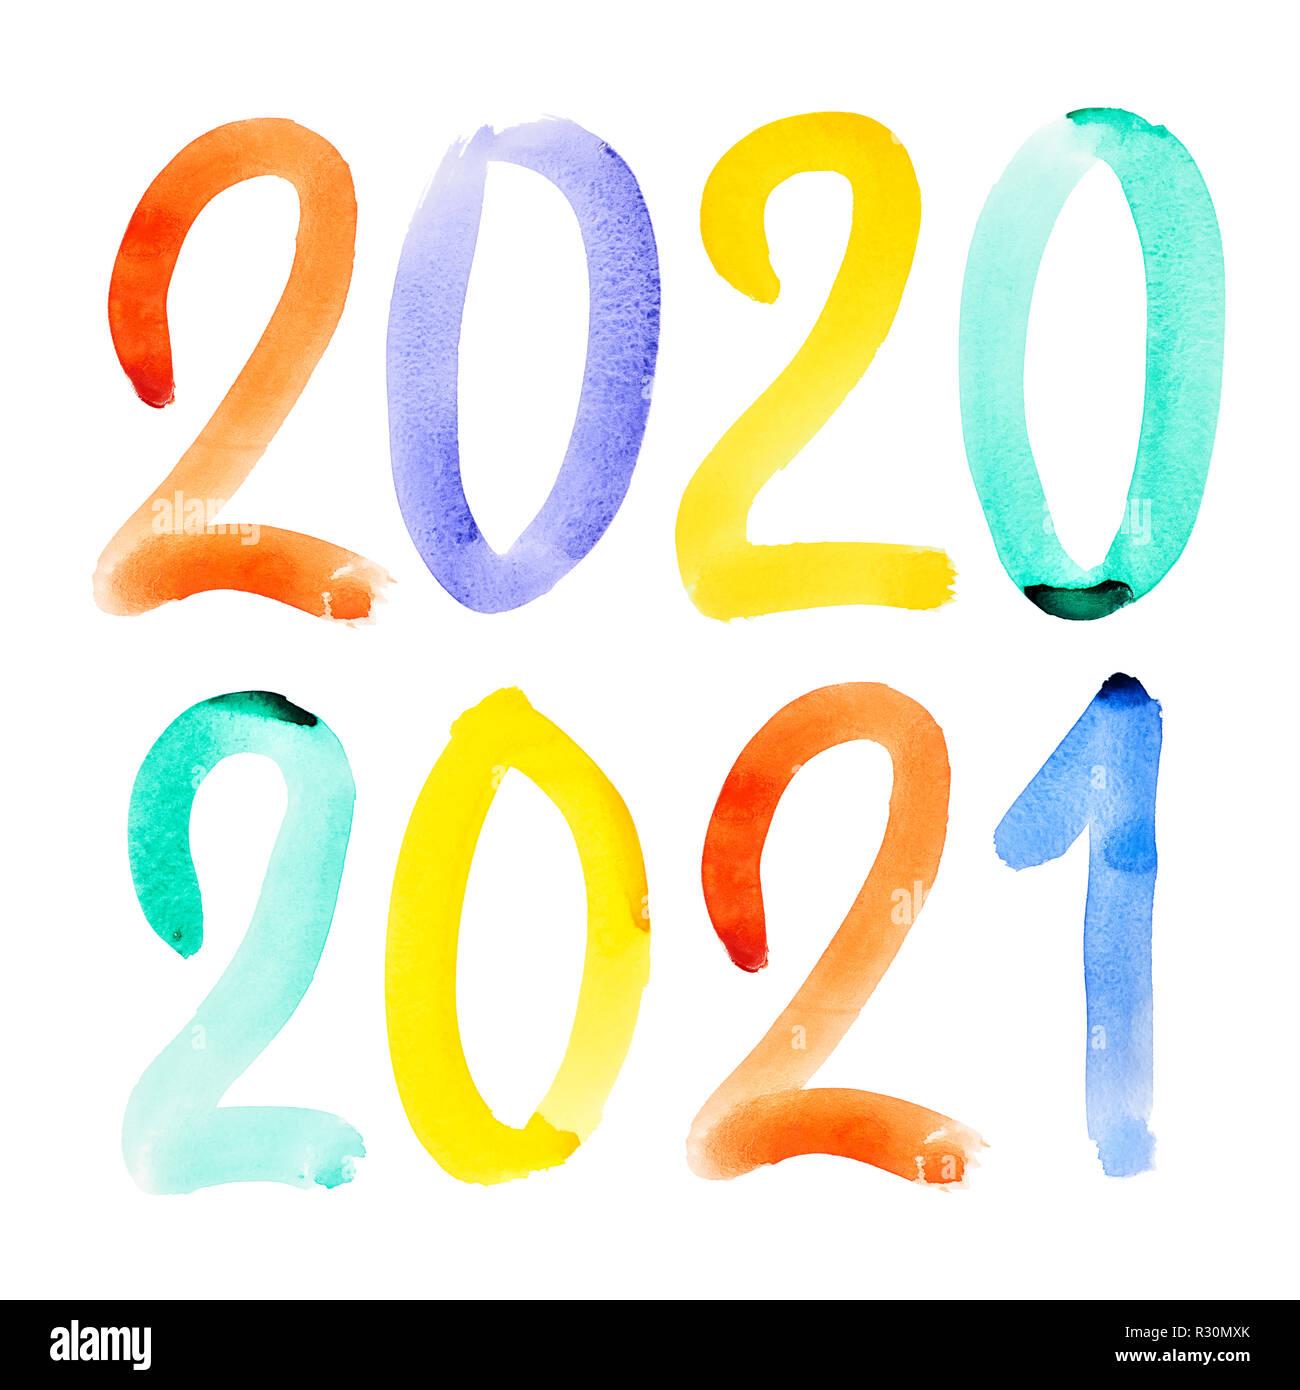 Feliz Año Nuevo 2020, 2021 - Colorida acuarela dibujada a mano rotulación Fotografía de stock - Alamy